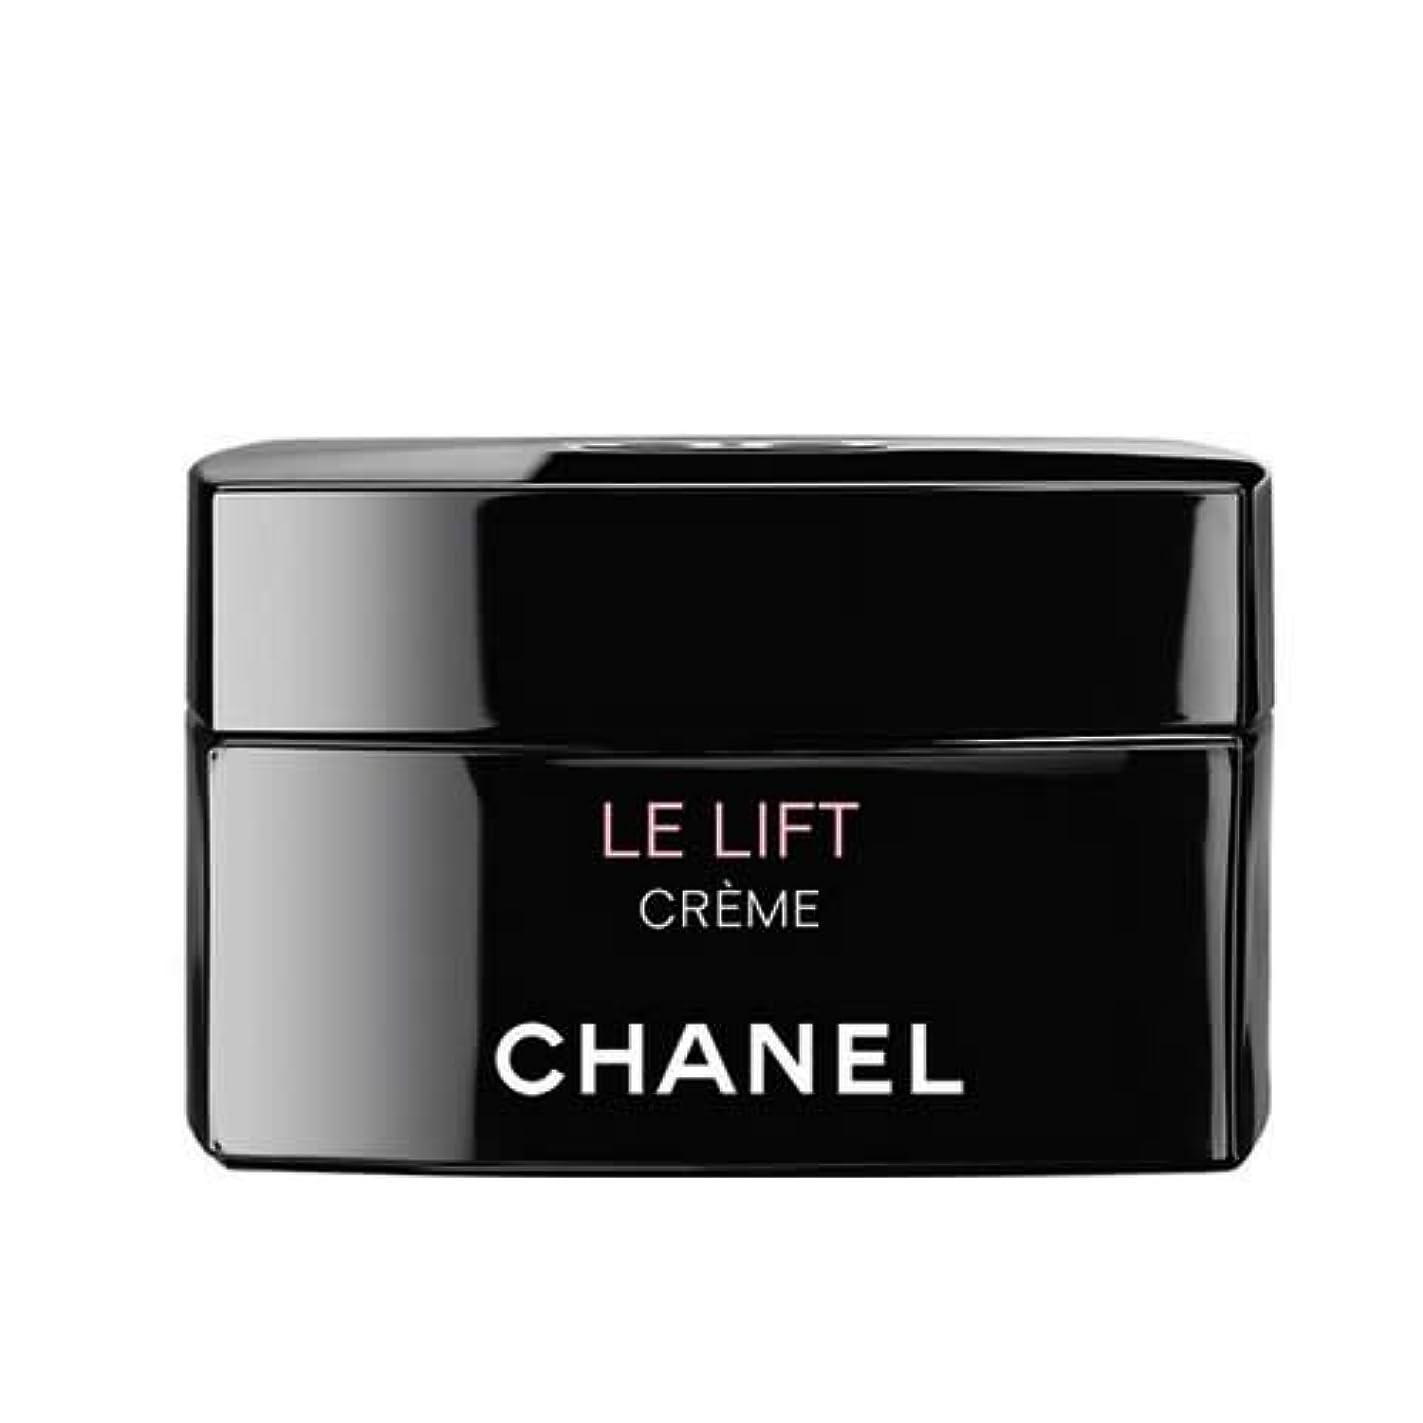 上げる硬い間接的シャネル(CHANEL) LE L クレーム 50g (クリーム)[並行輸入品]